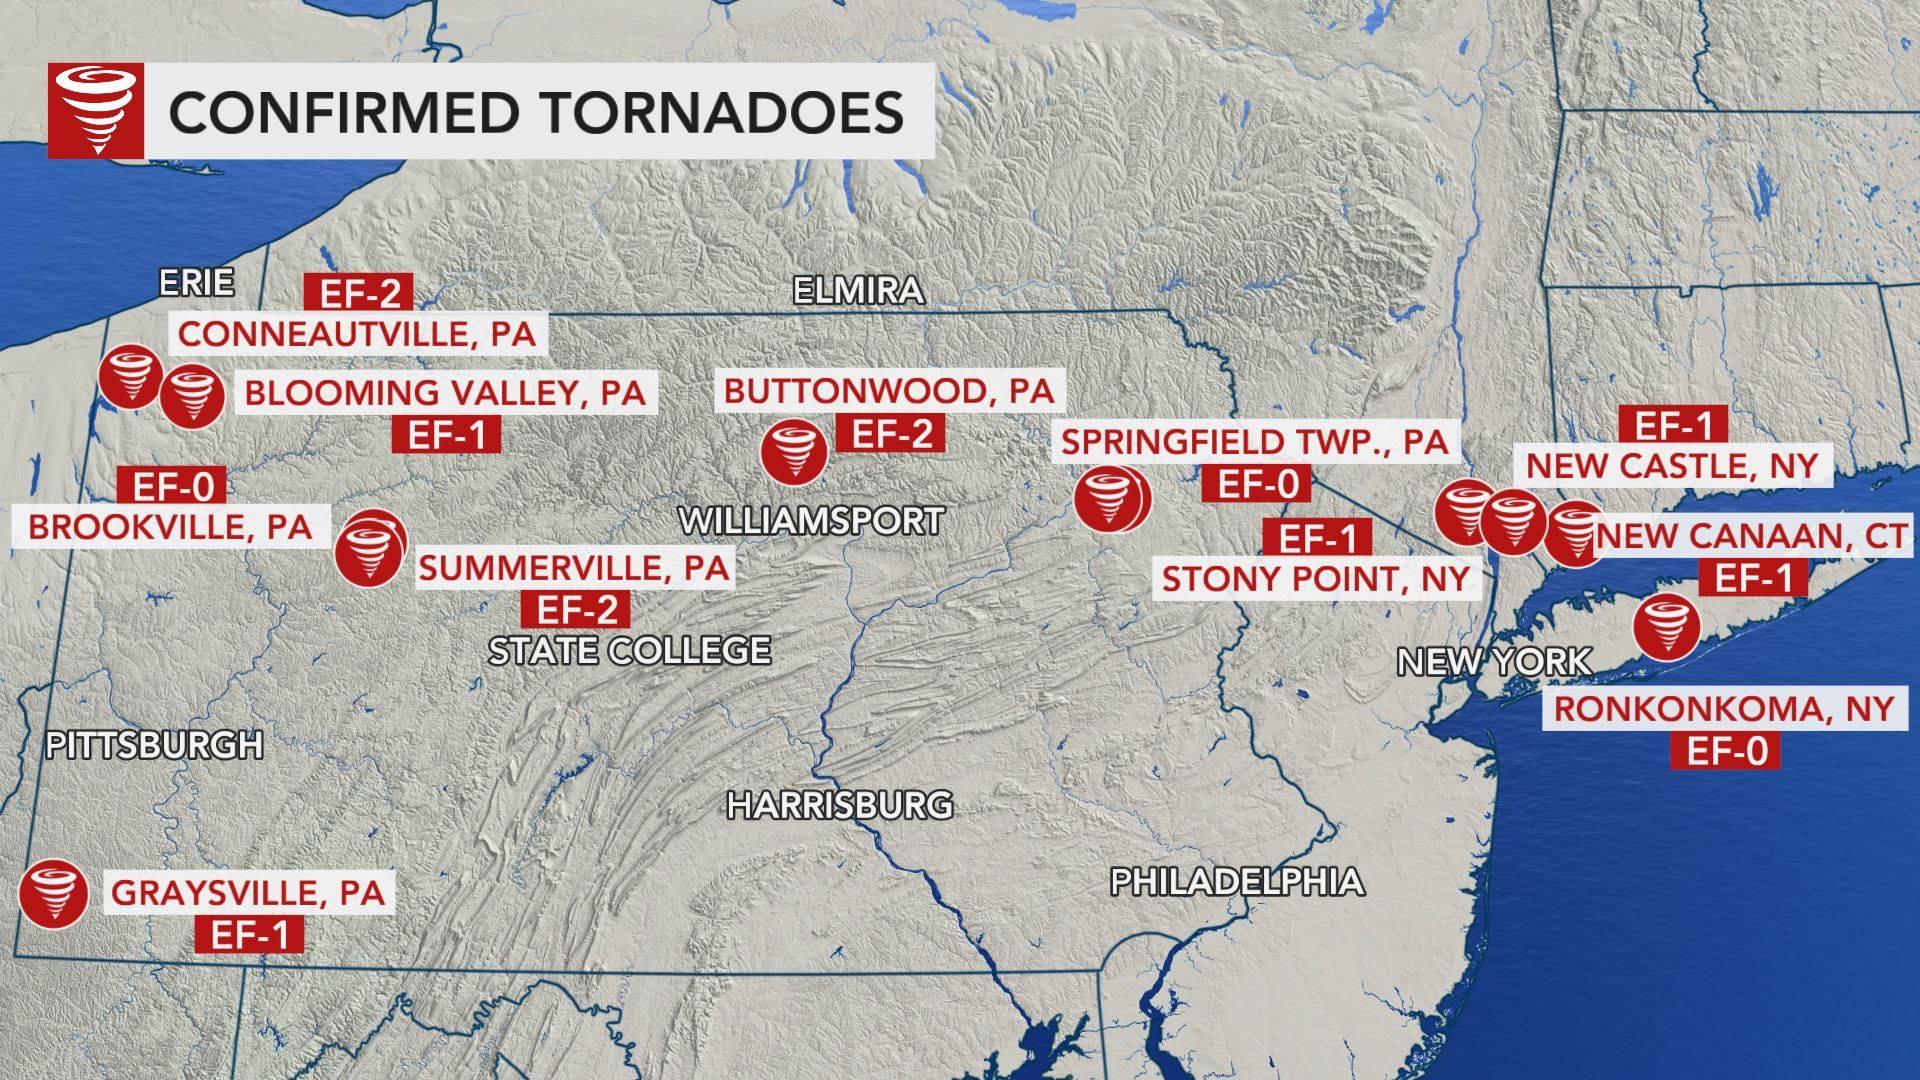 More than a dozen tornadoes descended on Pennsylvania ...